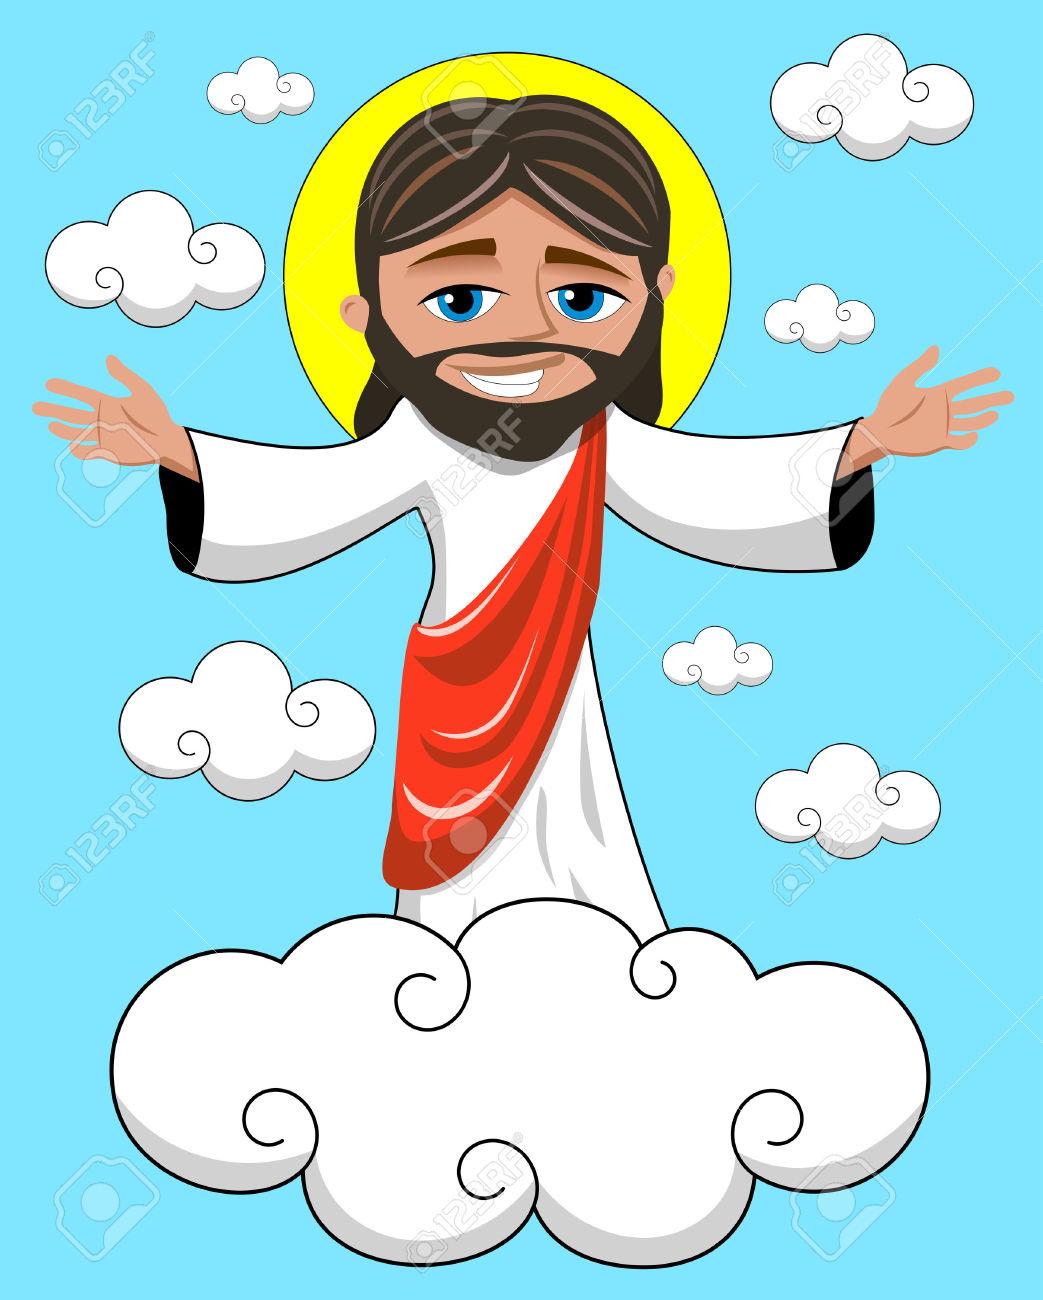 Jesus kingdom clipart vector transparent Cartoon Smiling Jesus Opens His Hands In Heavenly Kingdom Royalty ... vector transparent